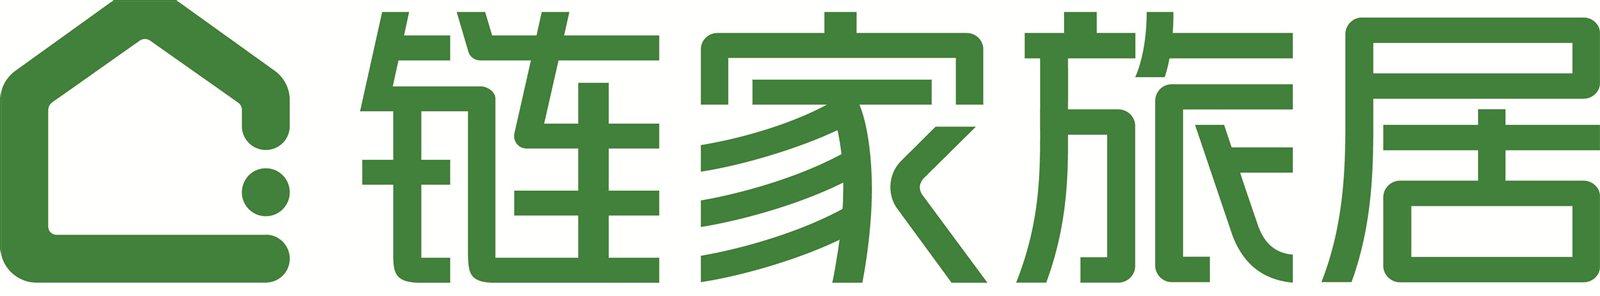 海南链家旅居产业科技服务有限公司文昌分公司